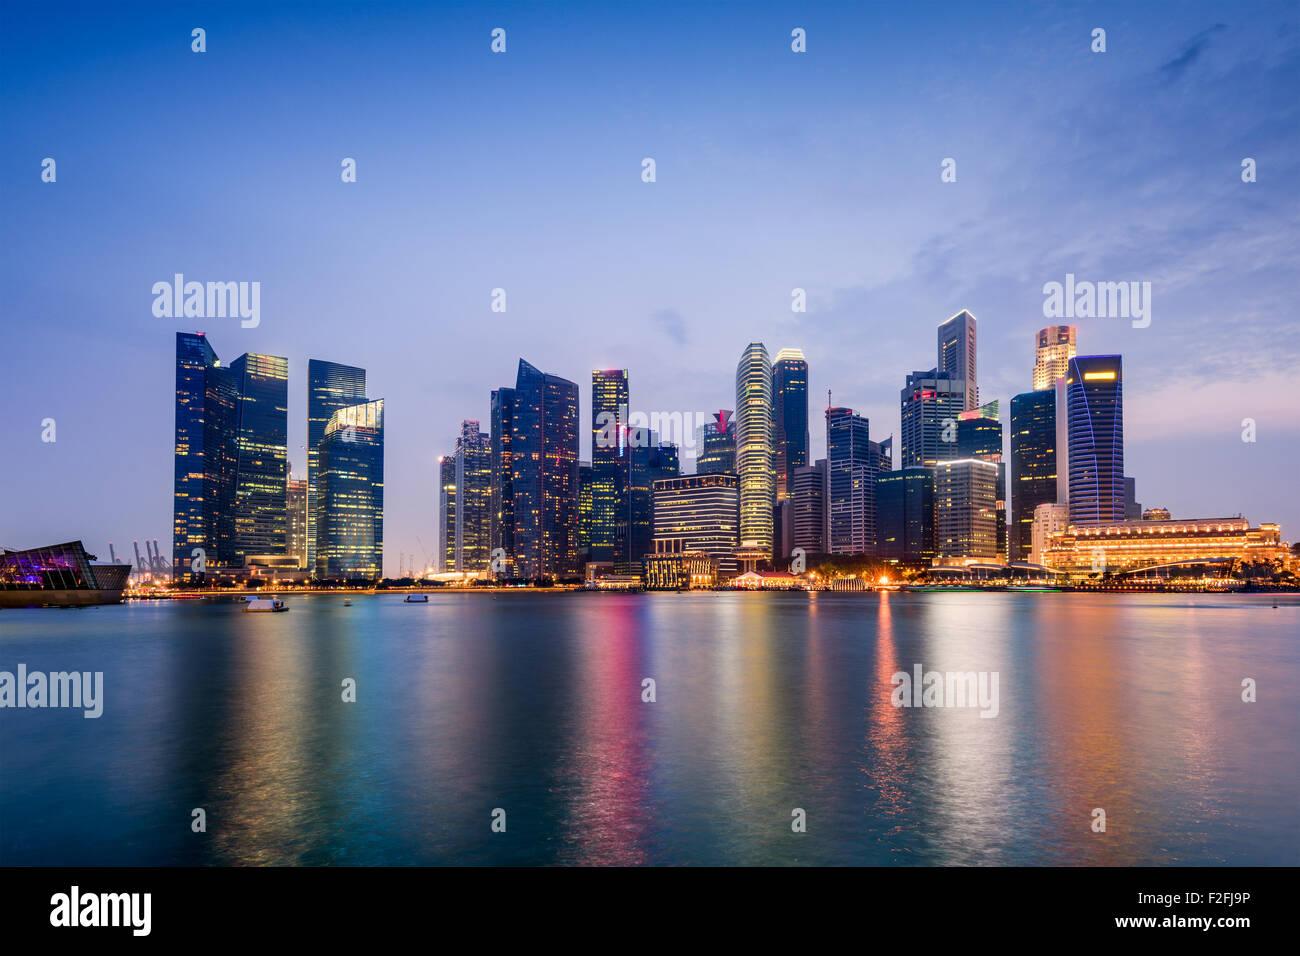 Singapore skyline on Marina Bay. - Stock Image